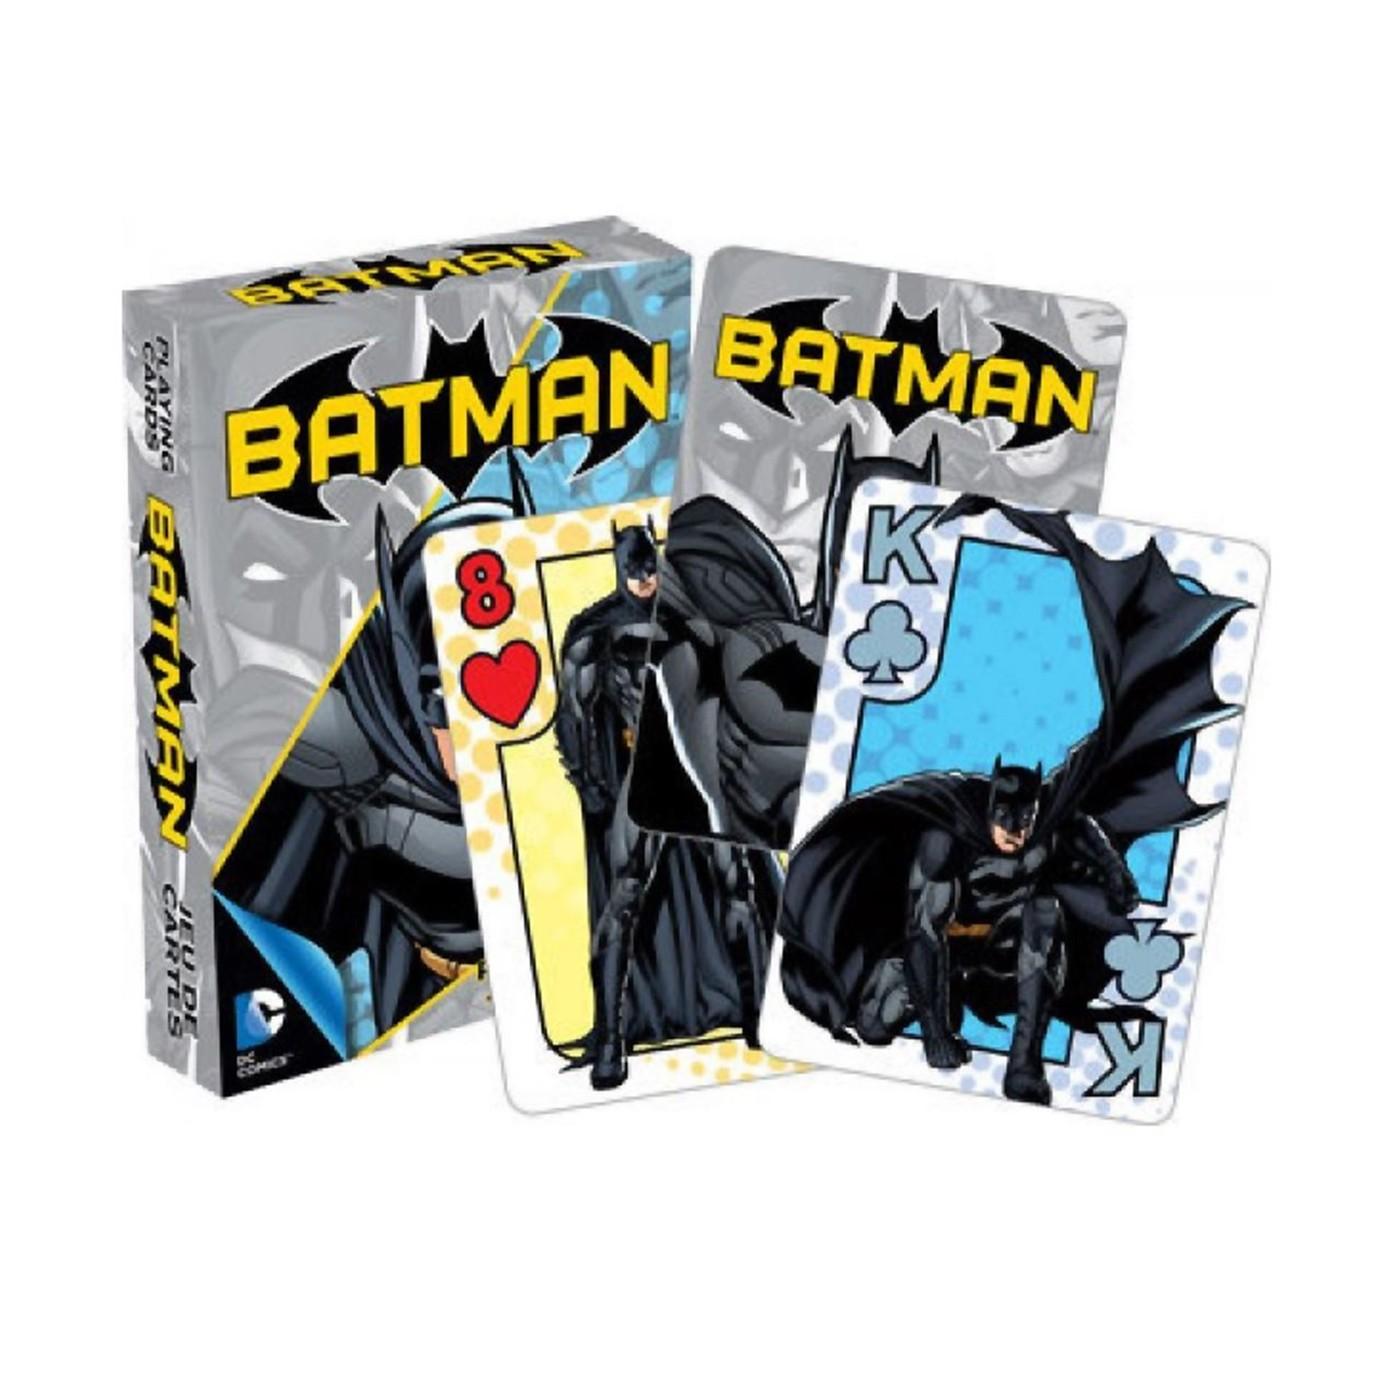 Batman Caped Crusader Playing Cards